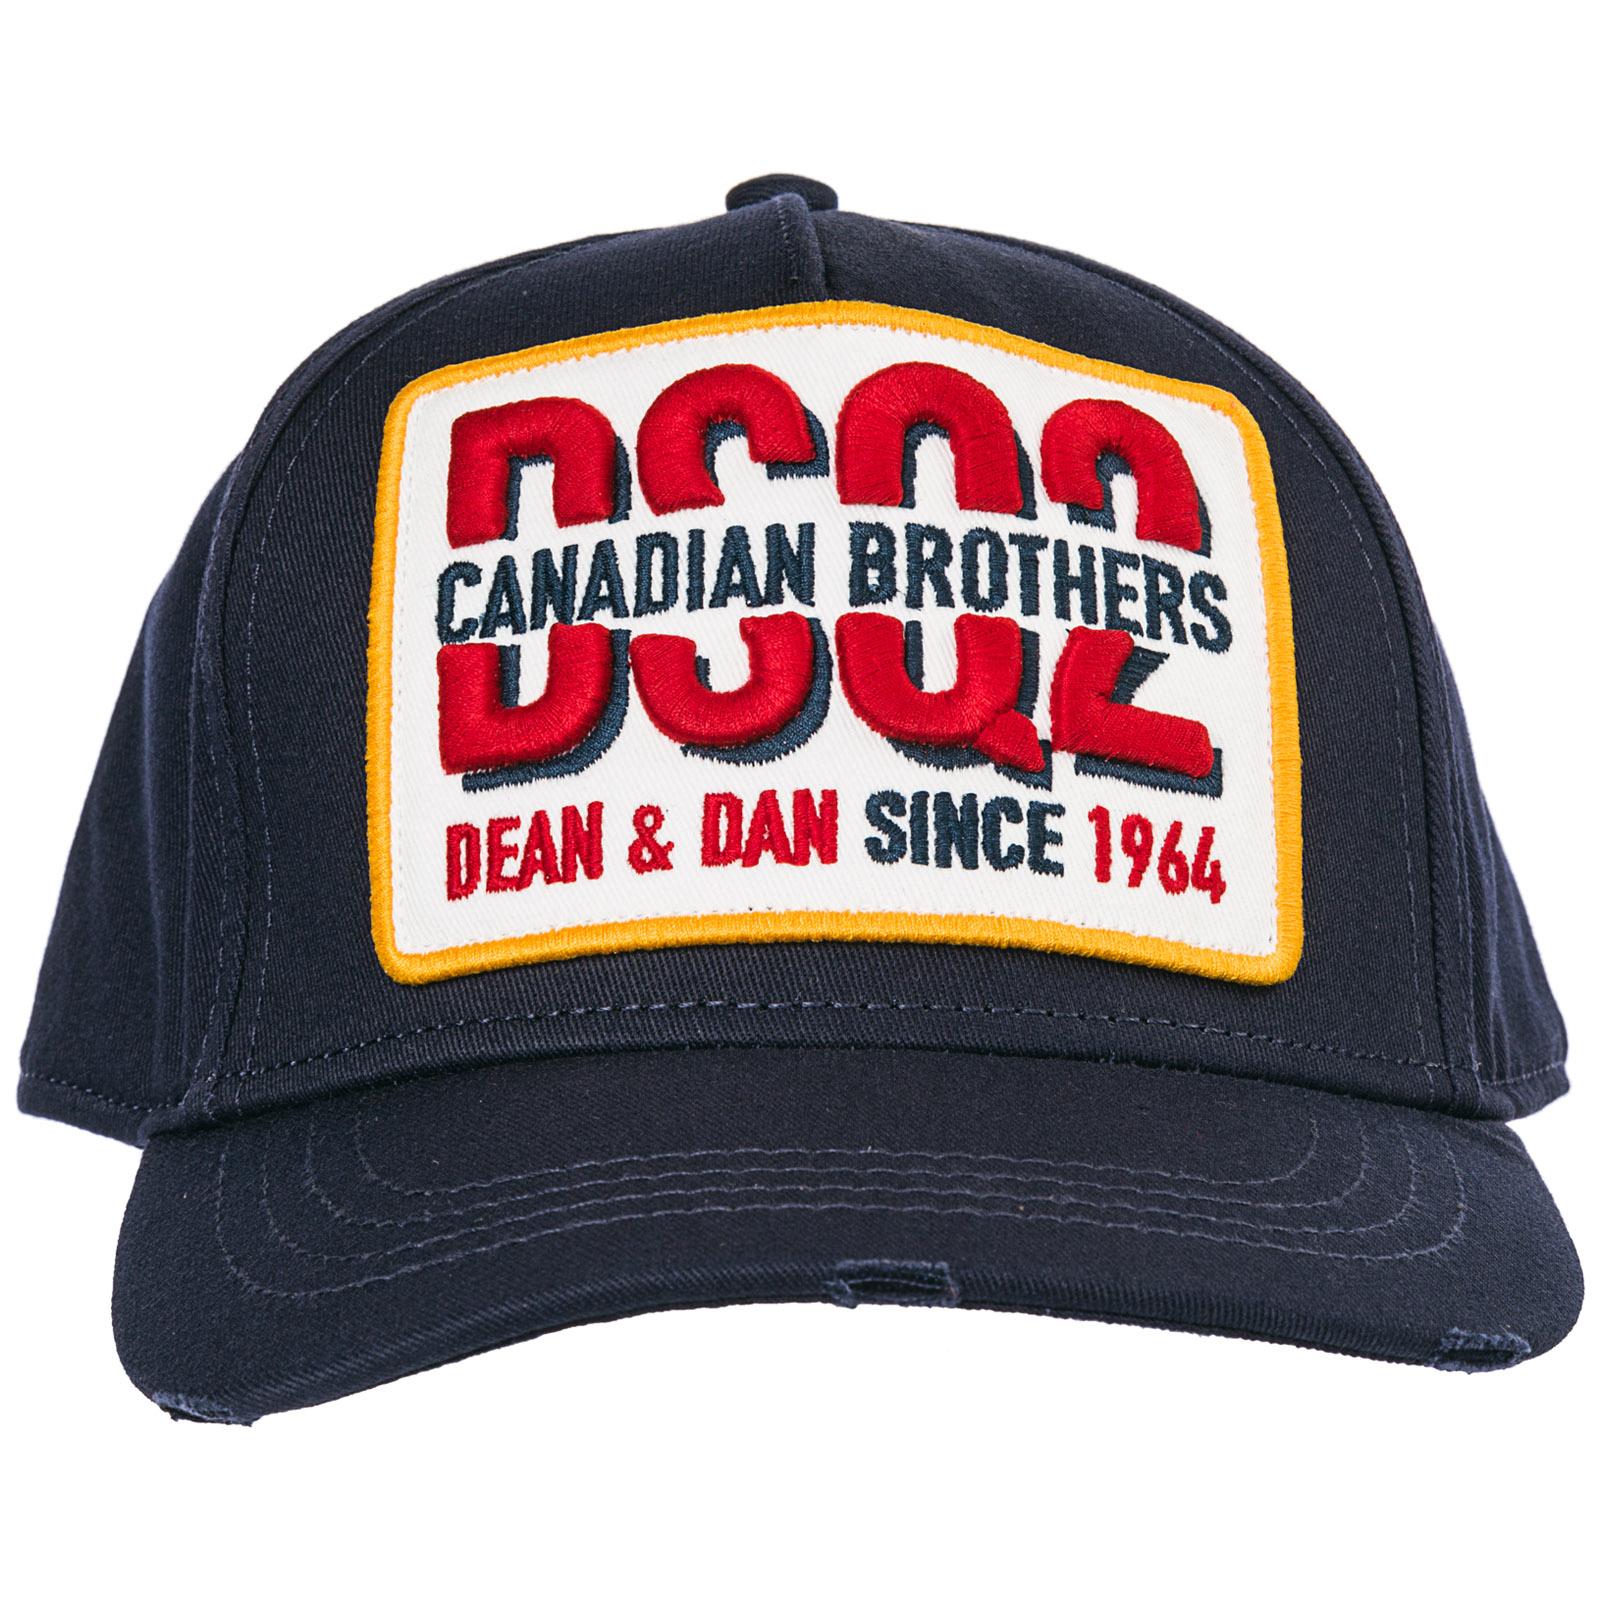 Cappello berretto regolabile uomo in cotone Cappello berretto regolabile  uomo in cotone ... 6565453d5e59